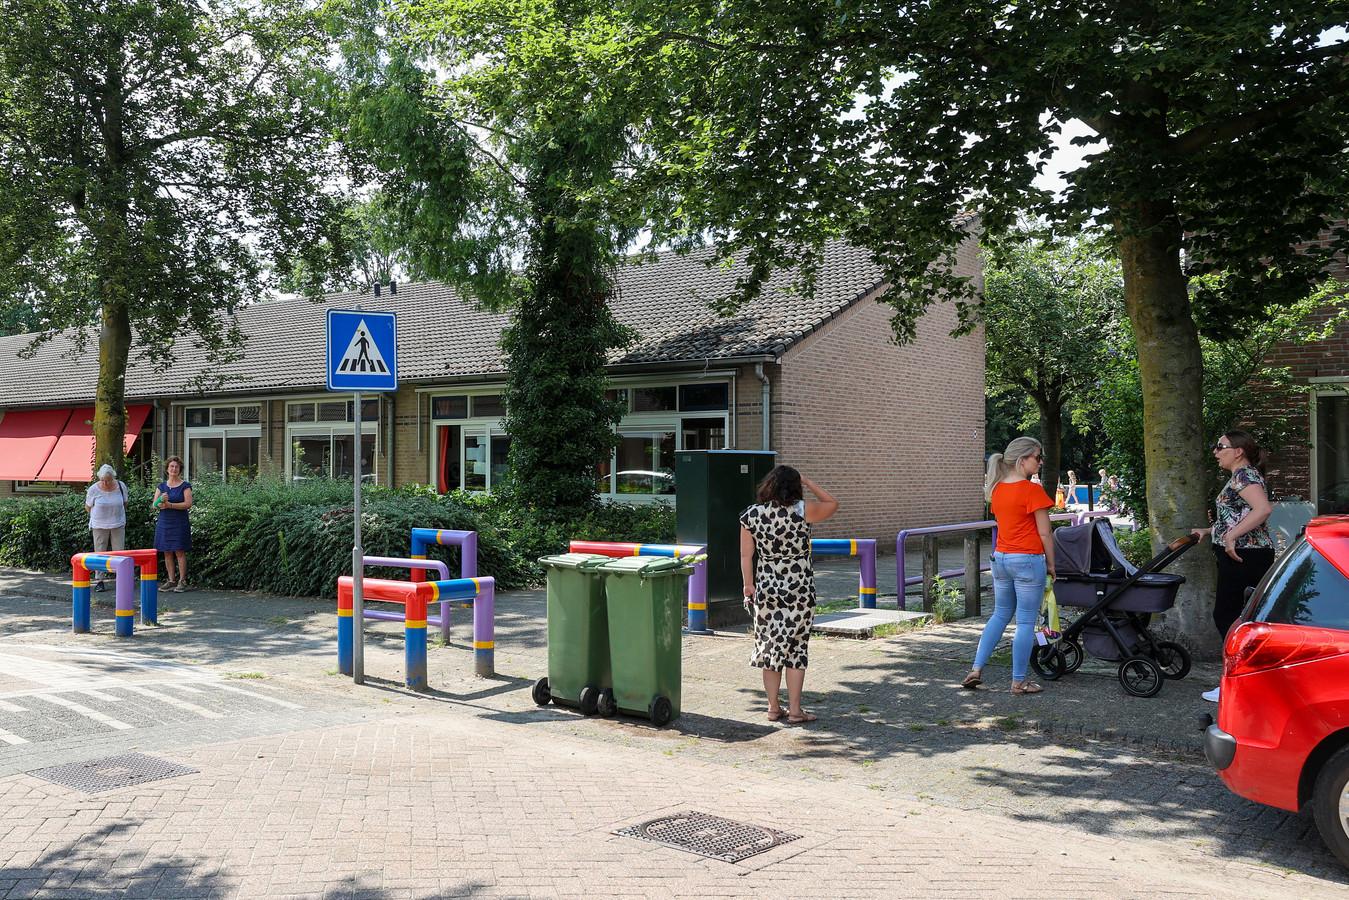 Wachtende ouders bij basisschool De Beerze moet mogelijk dicht om samengevoegd te worden met de school in Middelbeers. Ouders en inwoners uit Oostelbeers willen de school houden.